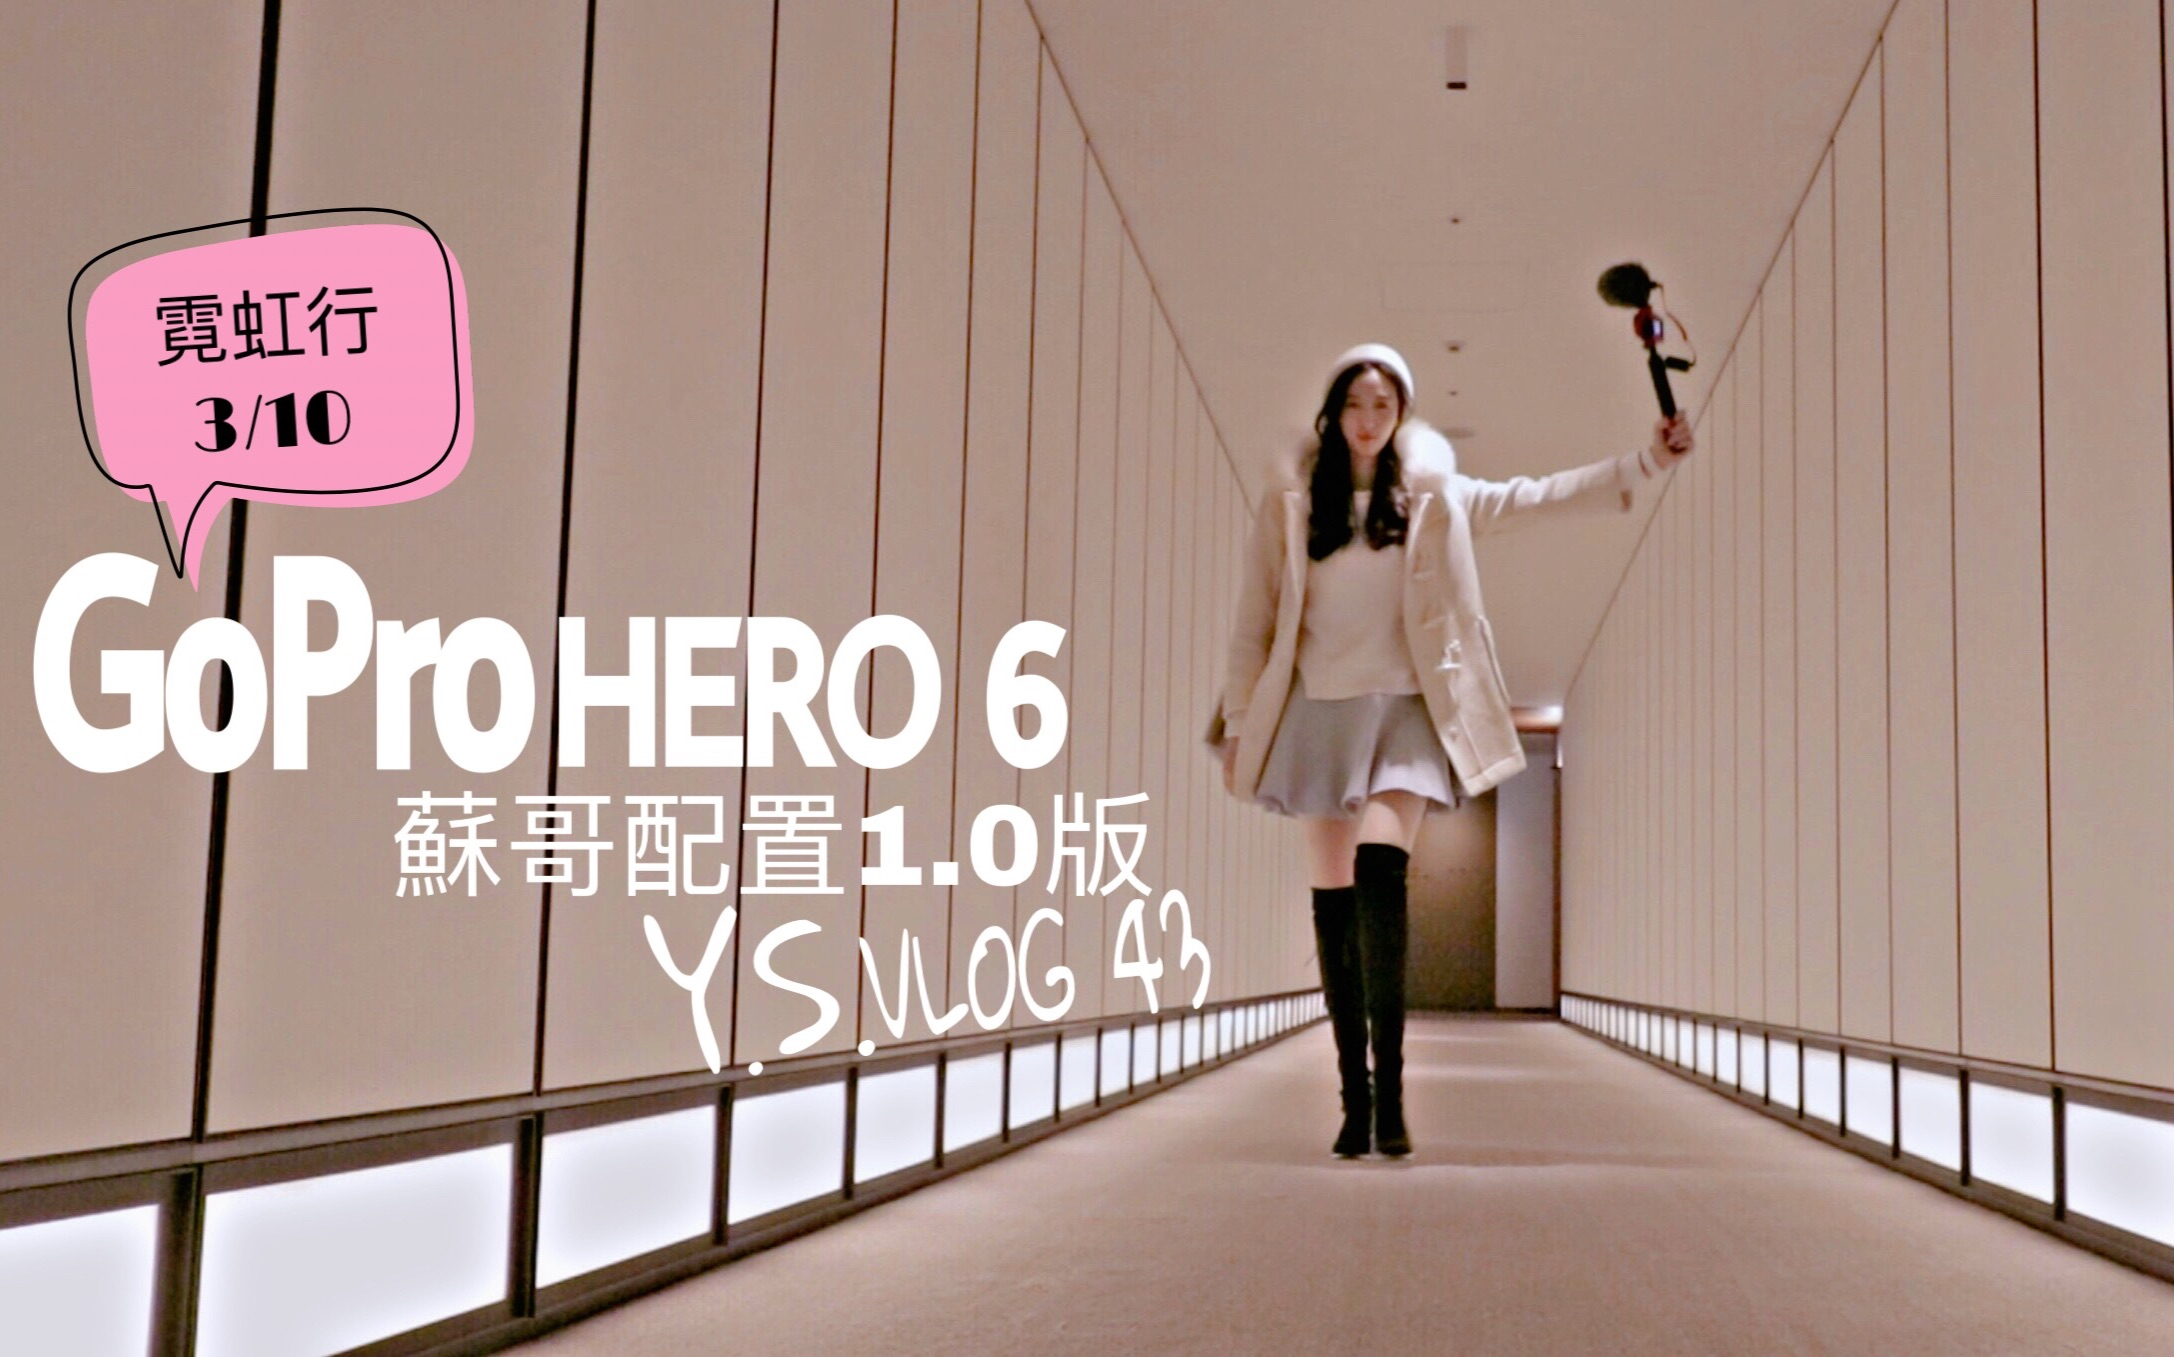 演员王怡苏VLOG43 | GoPro HERO 6 之蘇哥VLOG配置1.0正式版 | Gopro VS Canon【蘇哥福利霓虹行3/10】